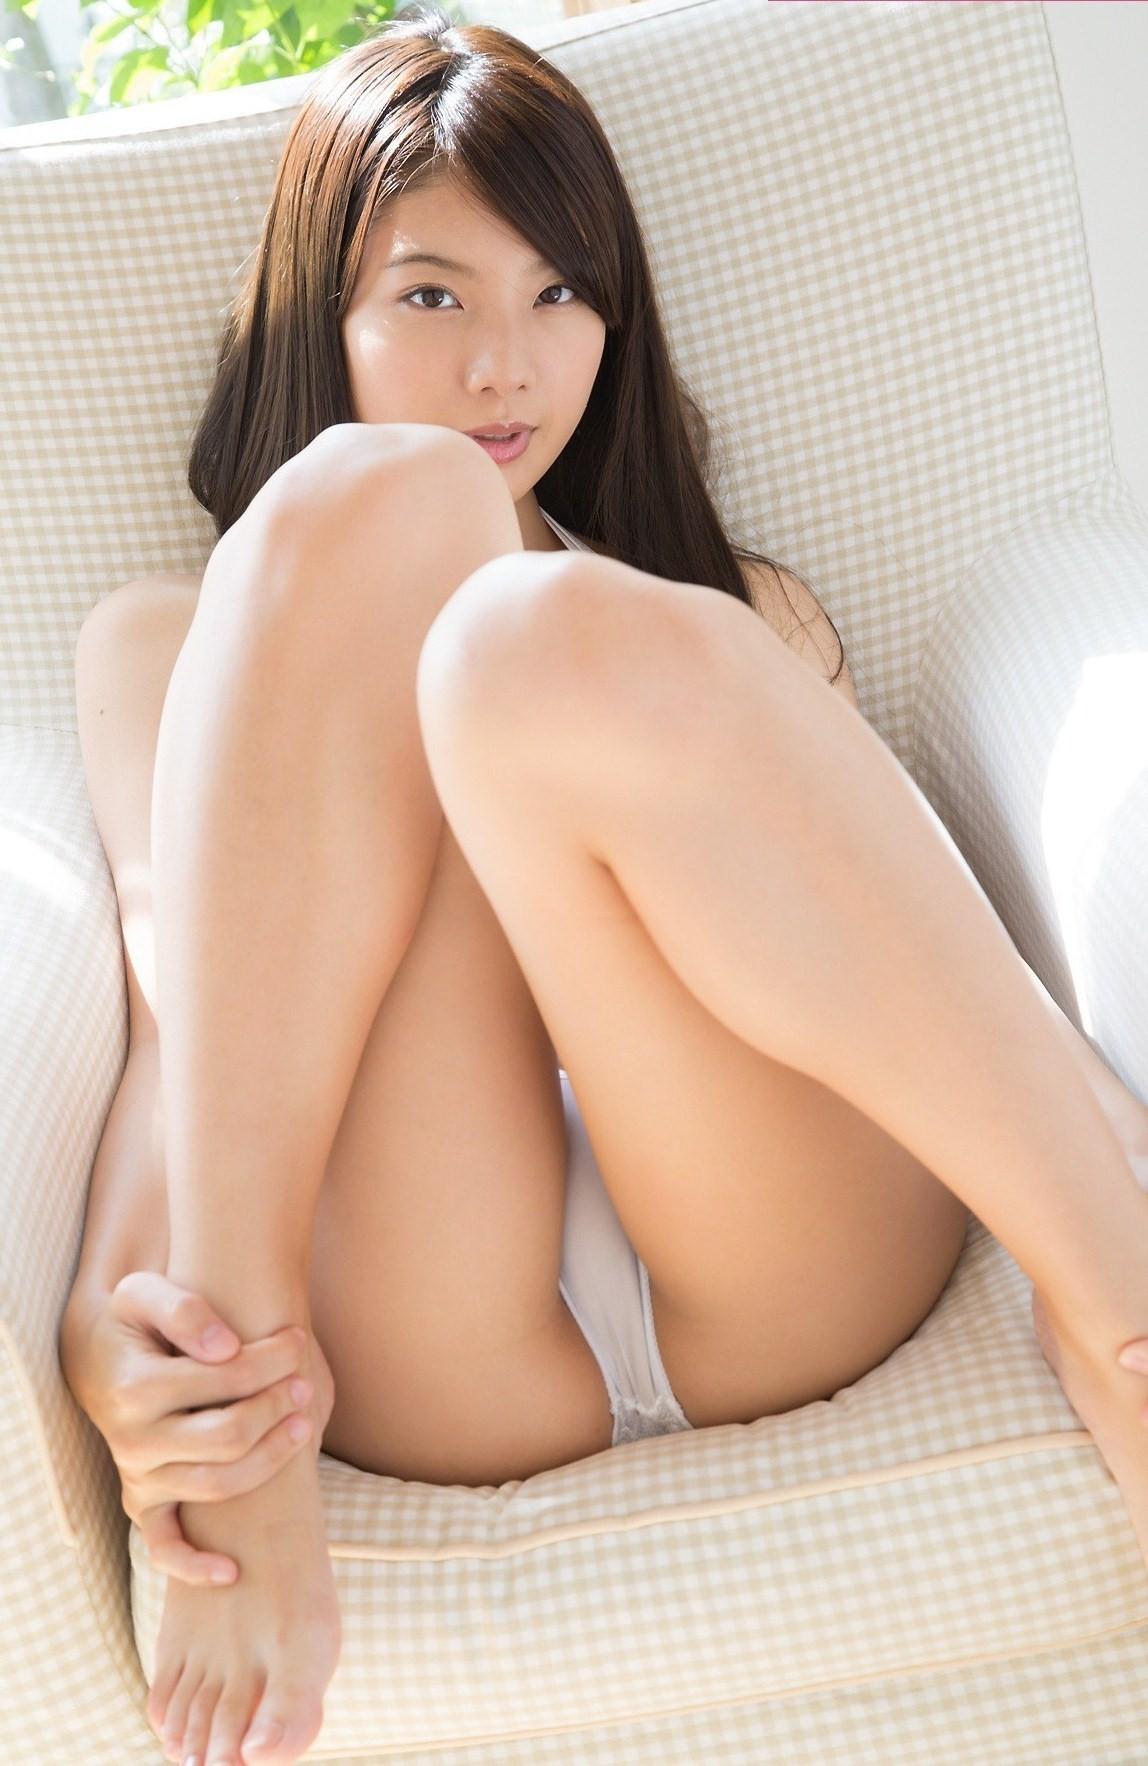 Красивые коленки (азиатки в трусиках) - компиляция 6